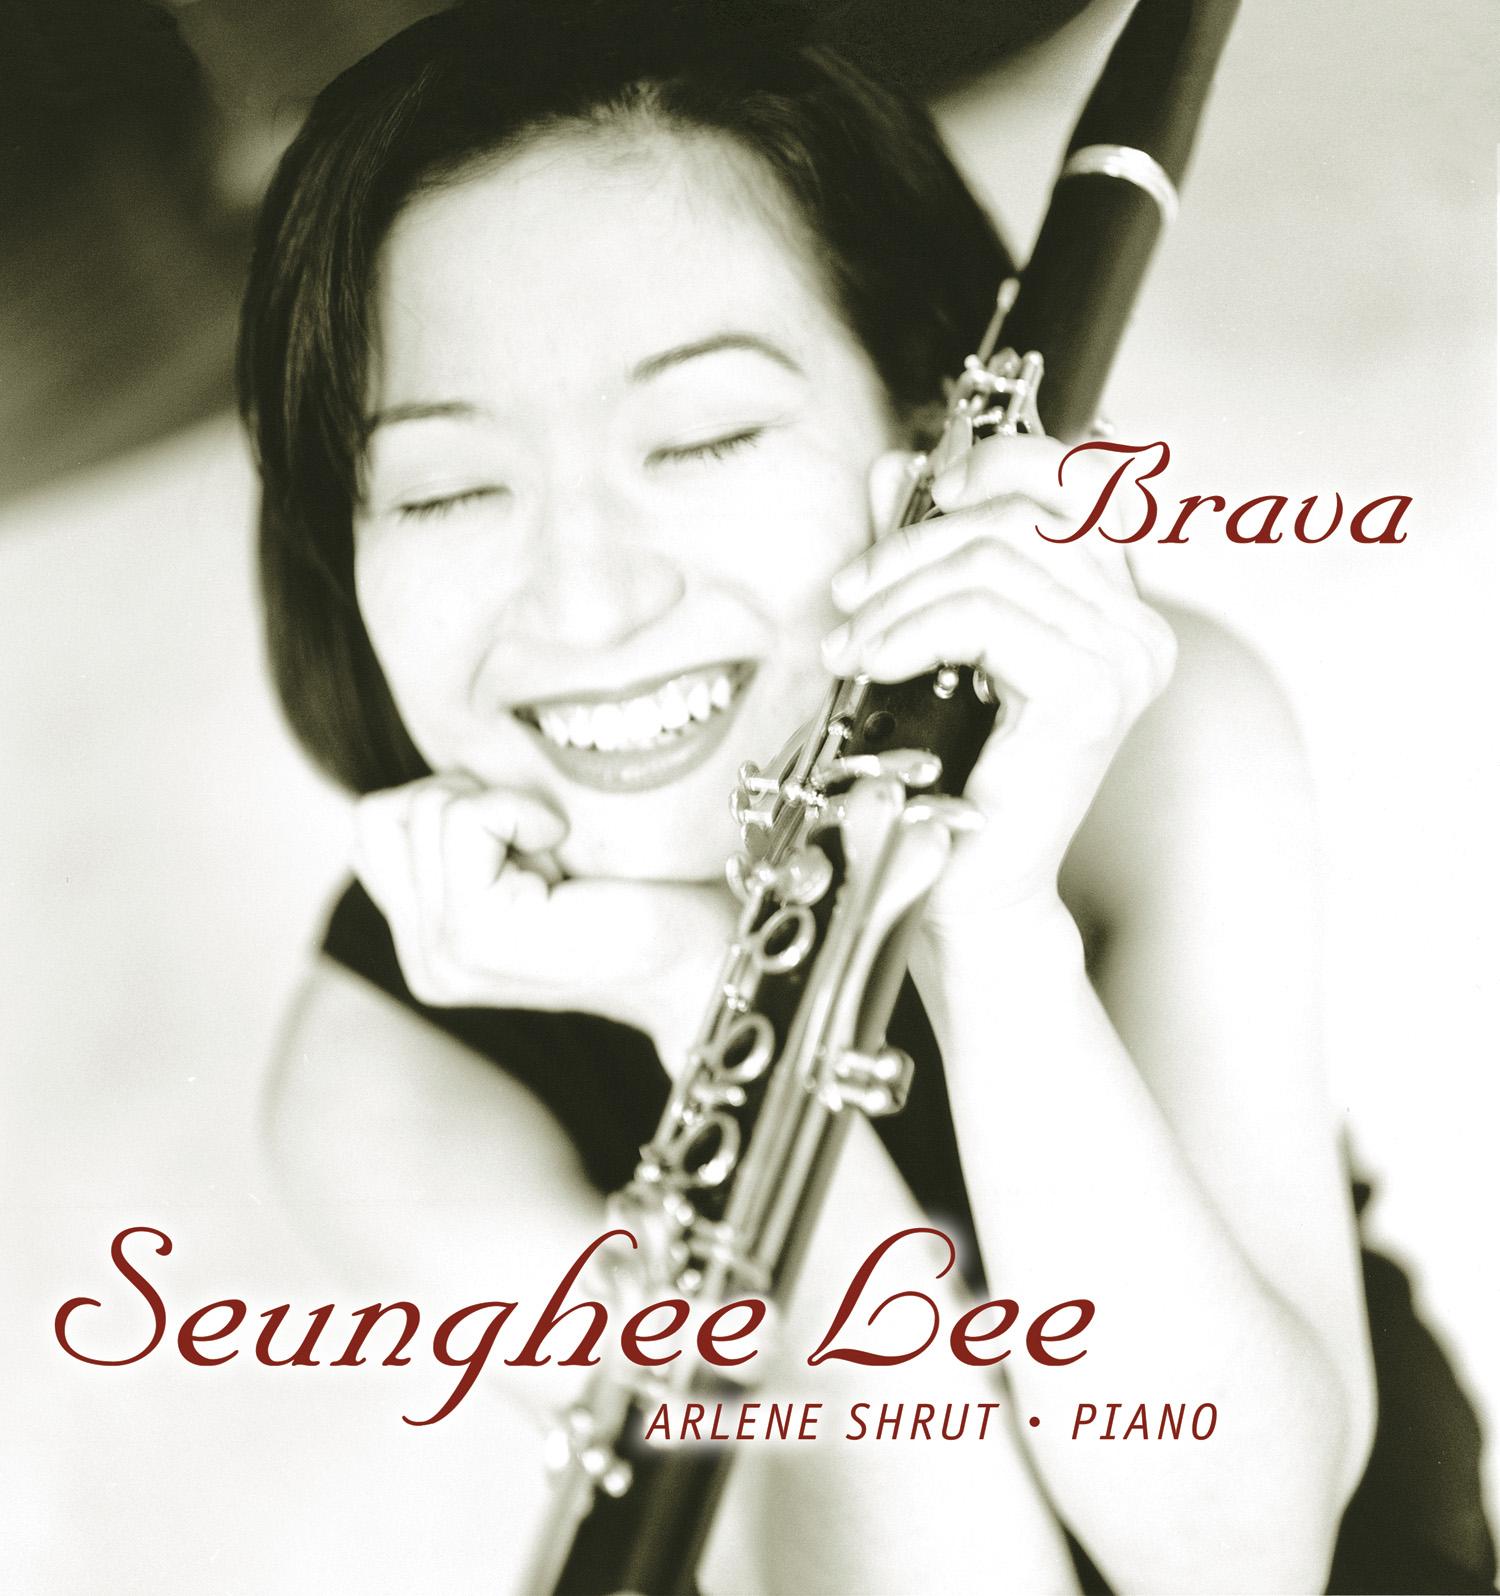 BRAVA album cover